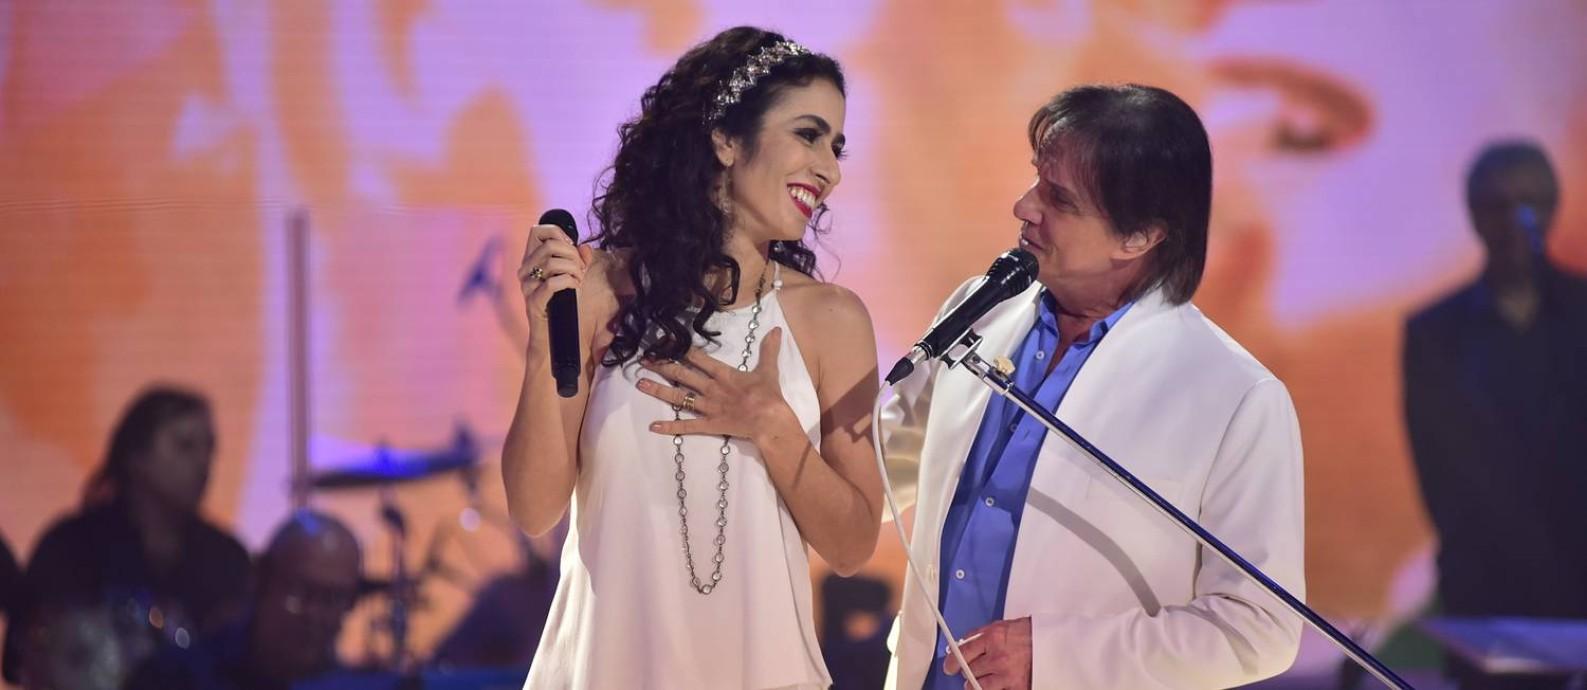 Marisa Monte e Roberto Carlos Foto: TV Globo/Divulgação